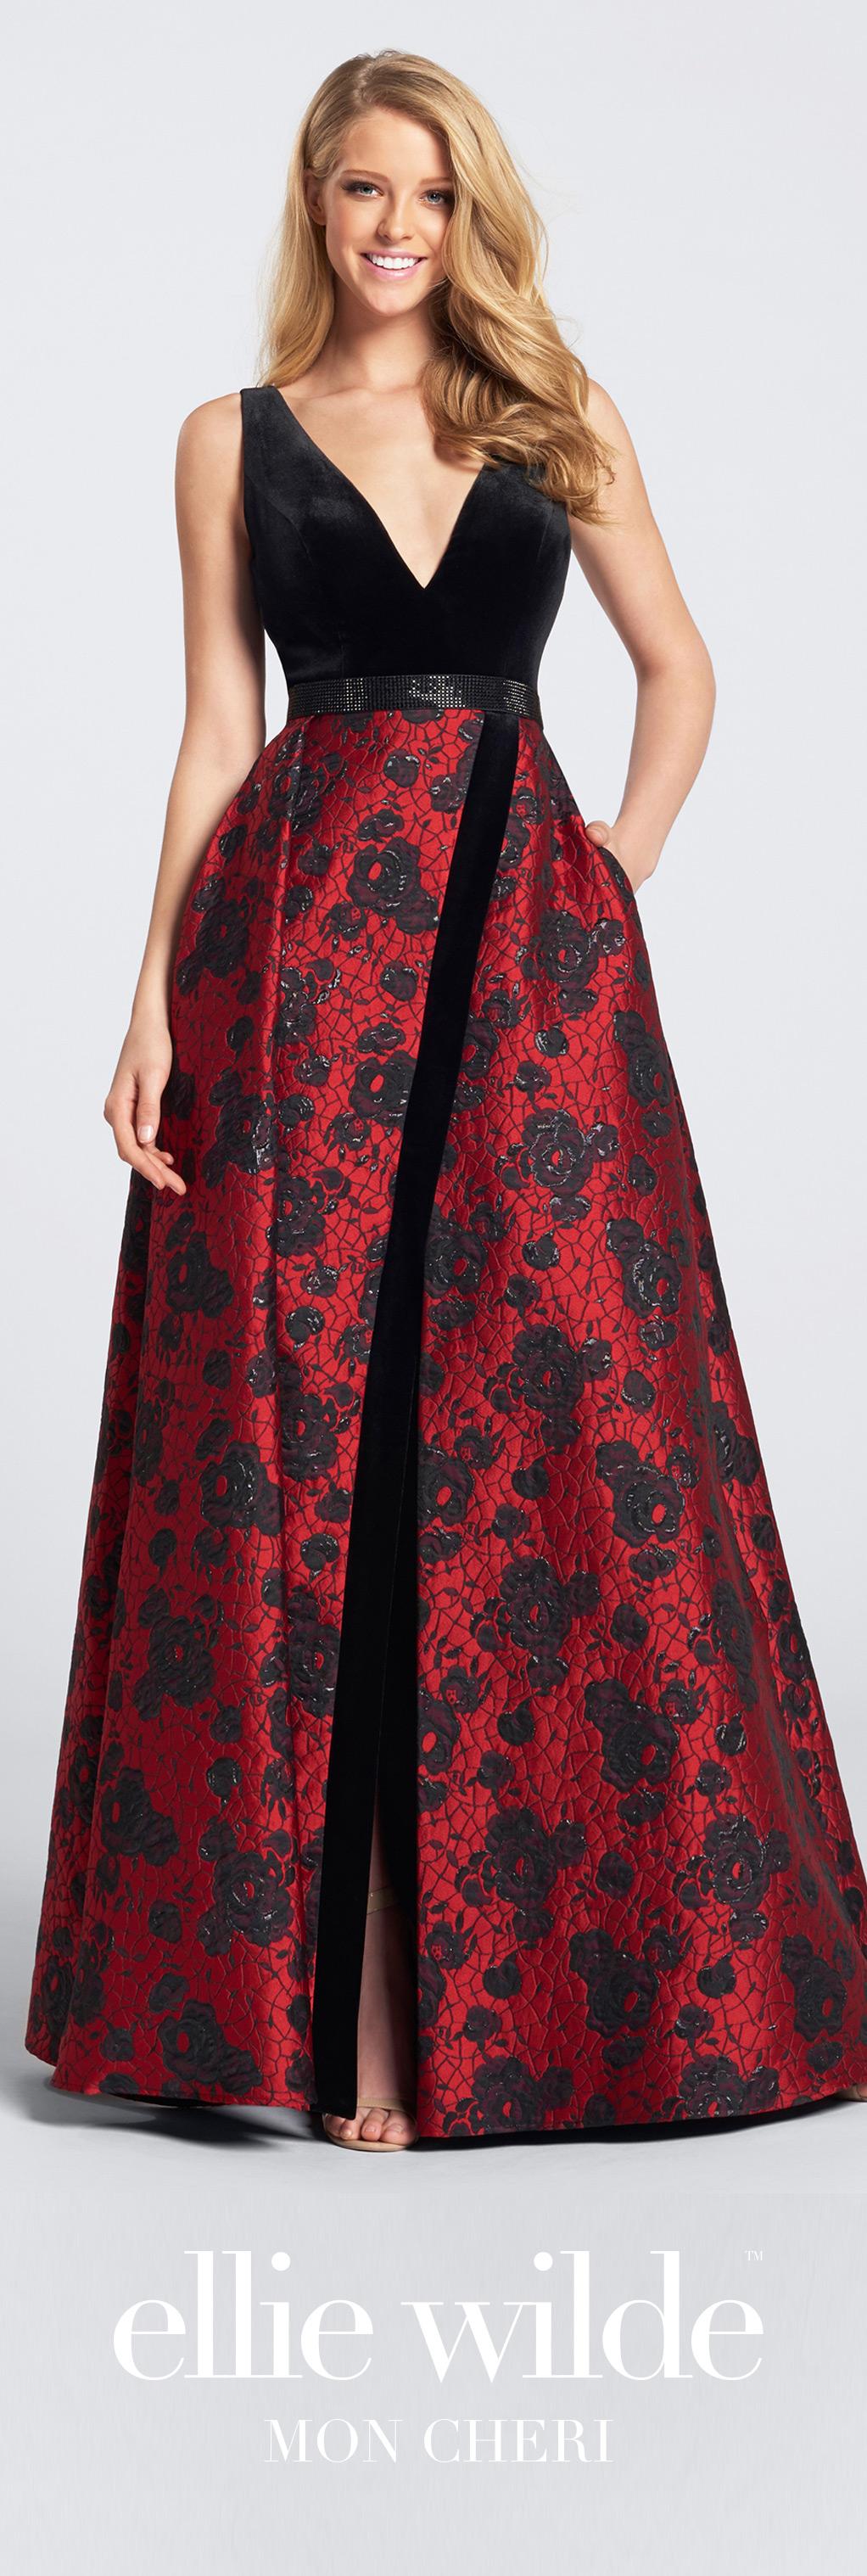 Velvet bodice evening dress ellie wilde ew gowns black